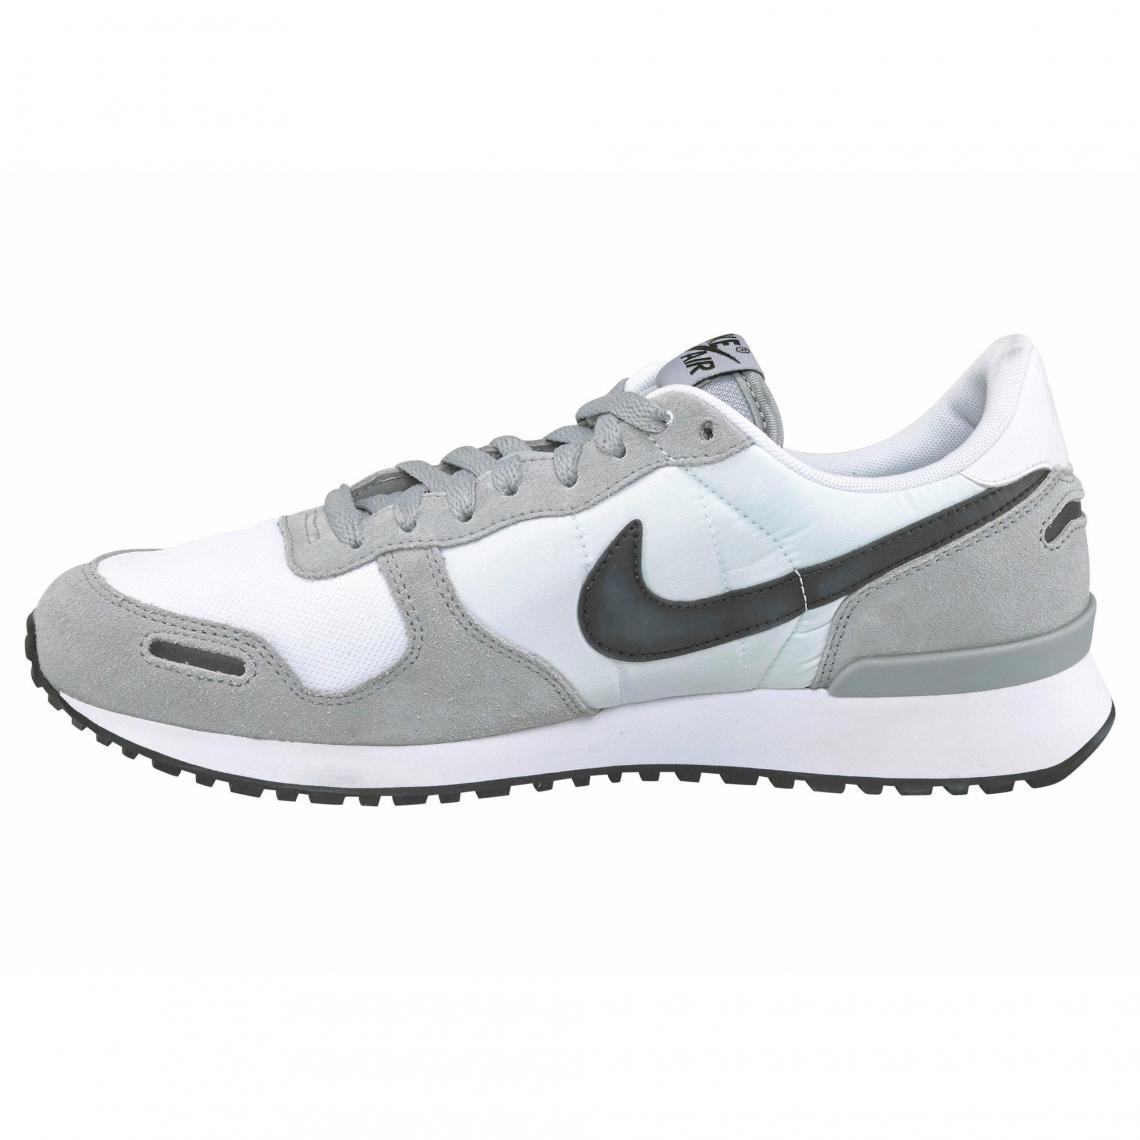 nouveaux styles 72f87 74ef8 Chaussures de sport homme Air Vortex M NIKE - Gris - Noir ...